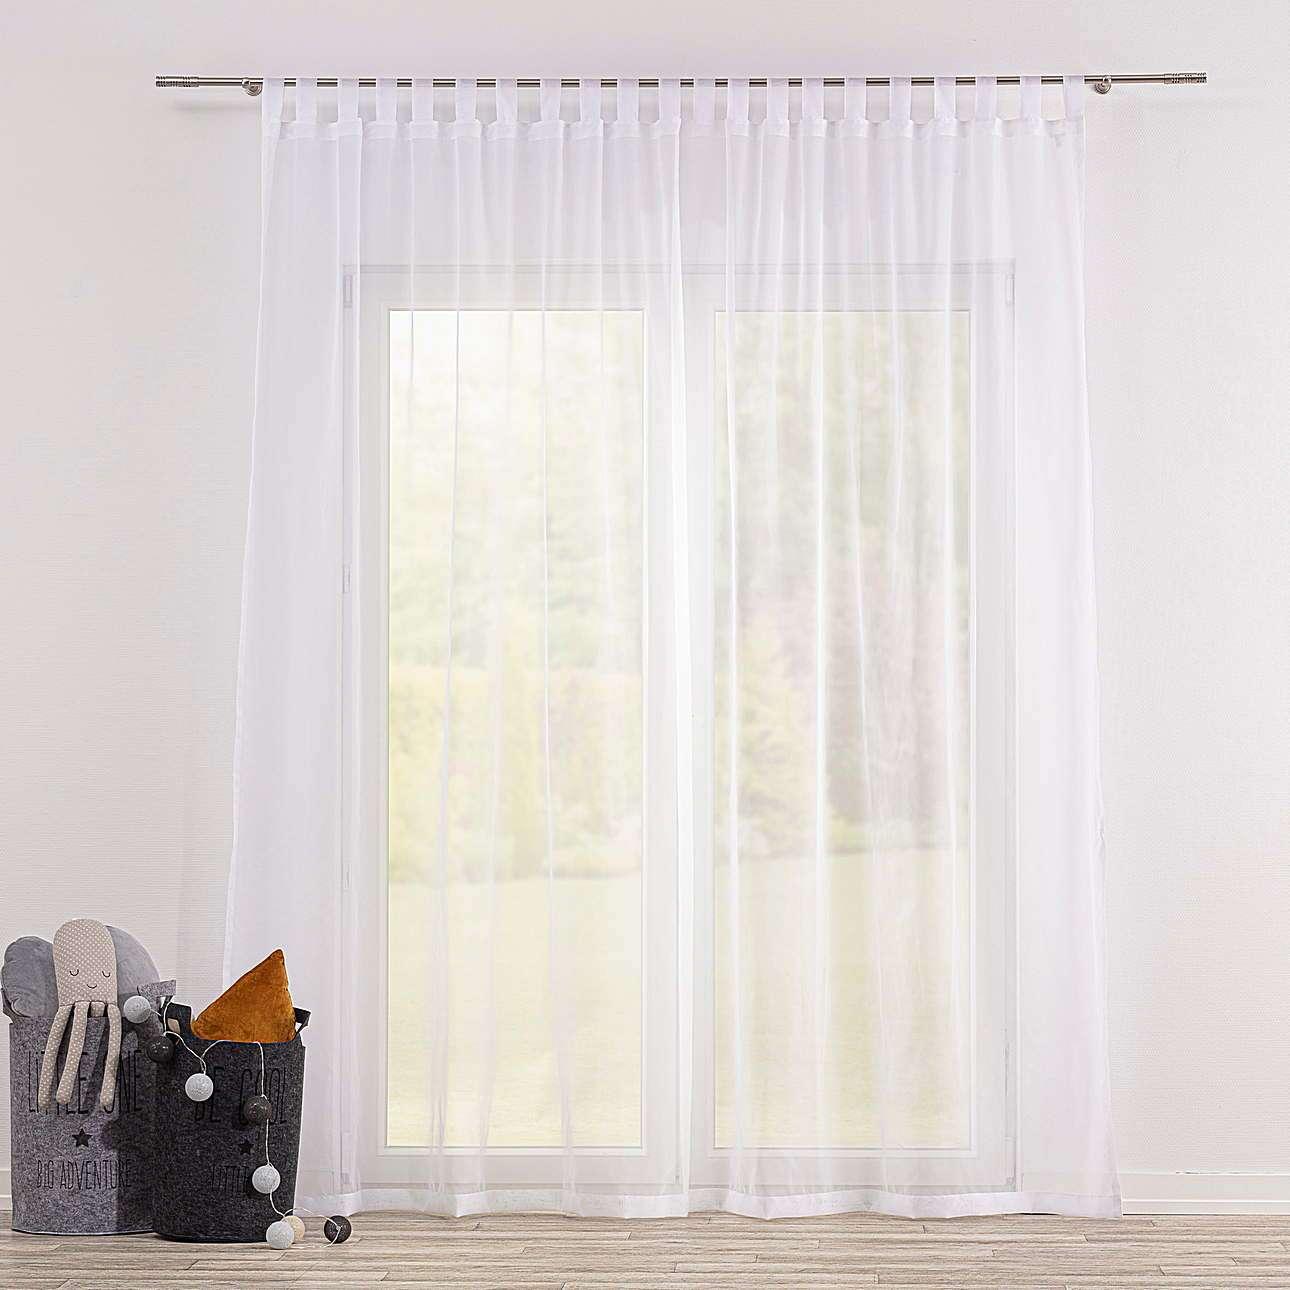 Dieninės užuolaidos su kilpelėmis kolekcijoje Soft Veil, audinys: 900-00